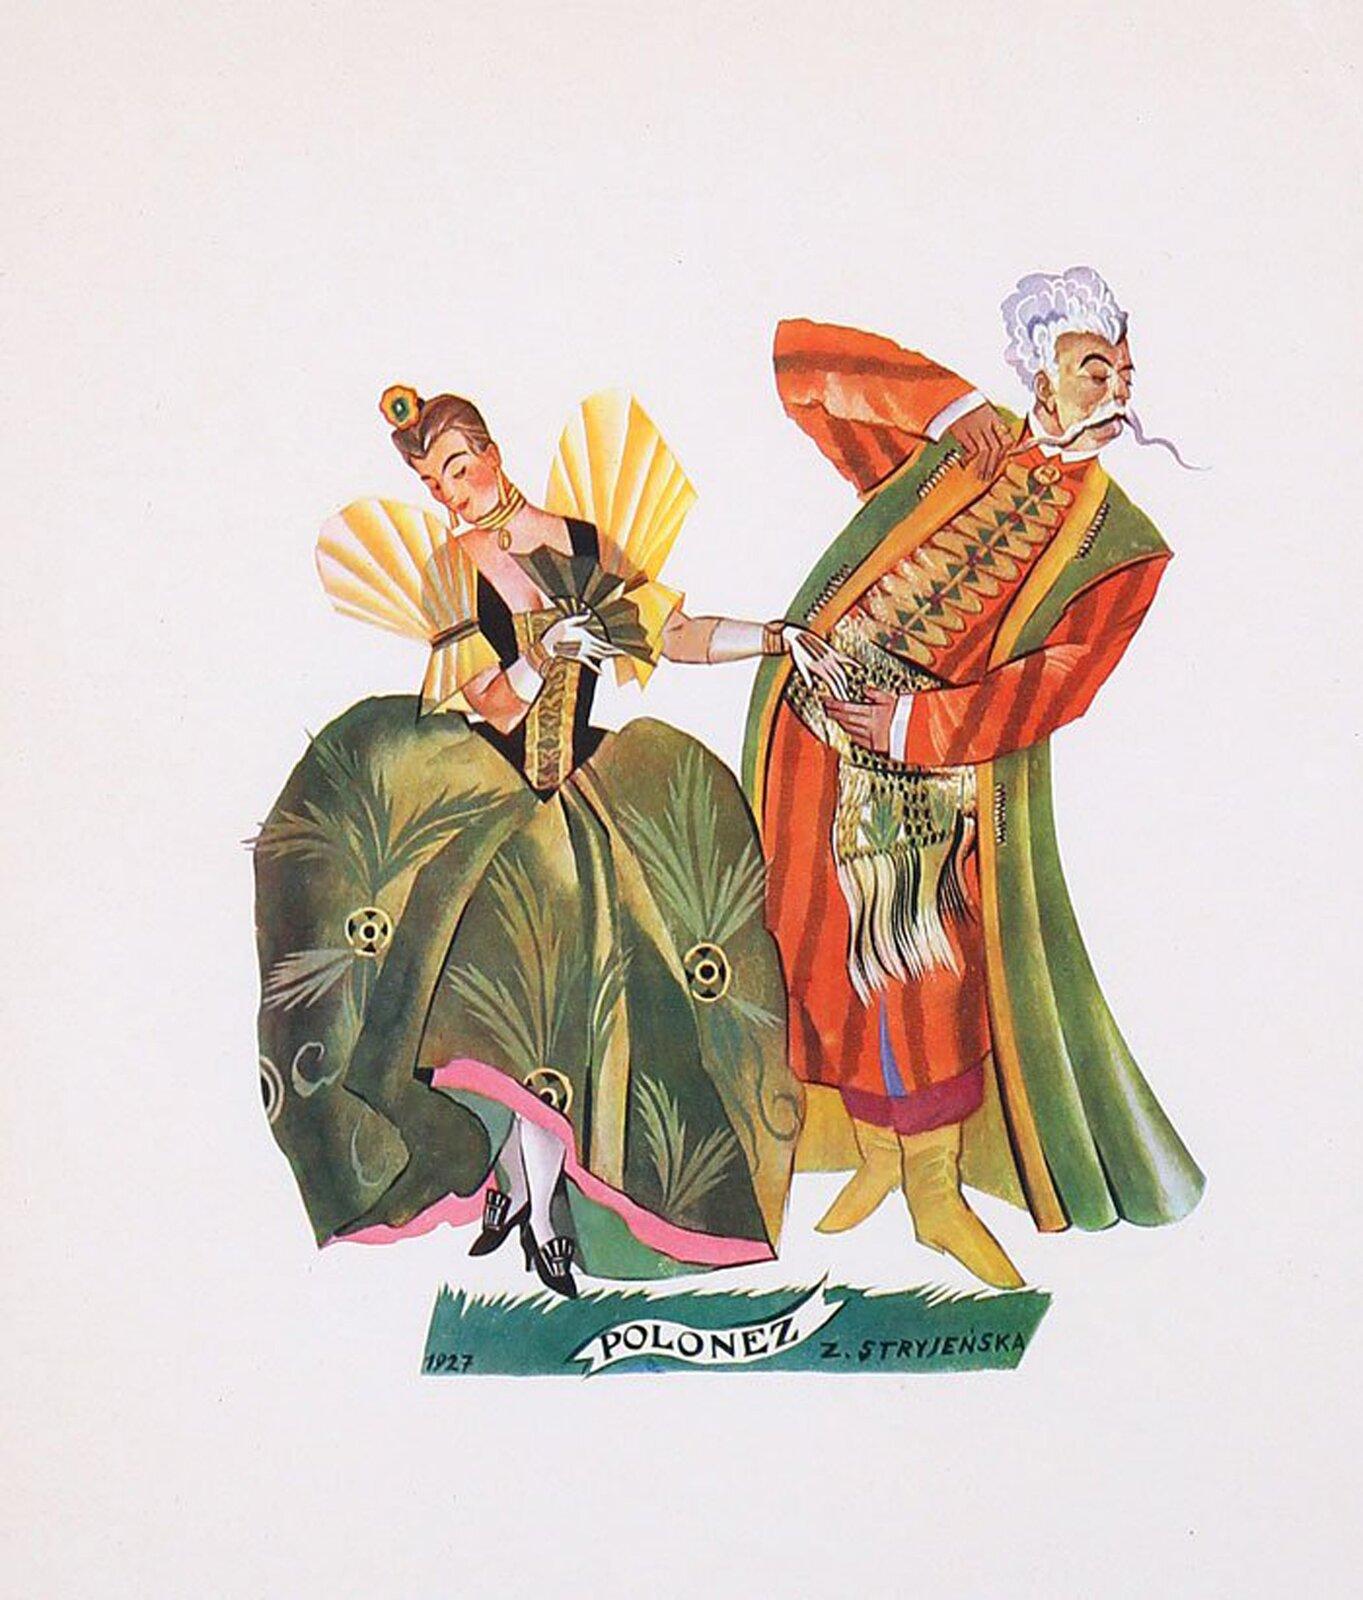 """Na ilustracji grafika Zofii Stryjeńskiej """"Polonez"""". Malarka przedstawiła parę szlachecką tańczącą poloneza. Obie postaci ubrane są wstroje ointensywnych barwach. Dama ma długą szeroką zieloną suknie, czarny dopasowany gorset, zbardzo bufiastymi żółtymi rękawkami izłotymi zdobieniami. Mężczyzna ma pomarańczowy żupan izielony kontusz, przewiązany jest bogato zdobionym, szerokim pasem kontuszowym. Obie osoby mają lekko wysuniętą do przodu lewą nogę, dama ma wzrok spuszczony wdół, nie patrzy wstronę partnera. Partner również patrzy na zewnątrz ipodkręca bardzo długiego siwego wąsa."""